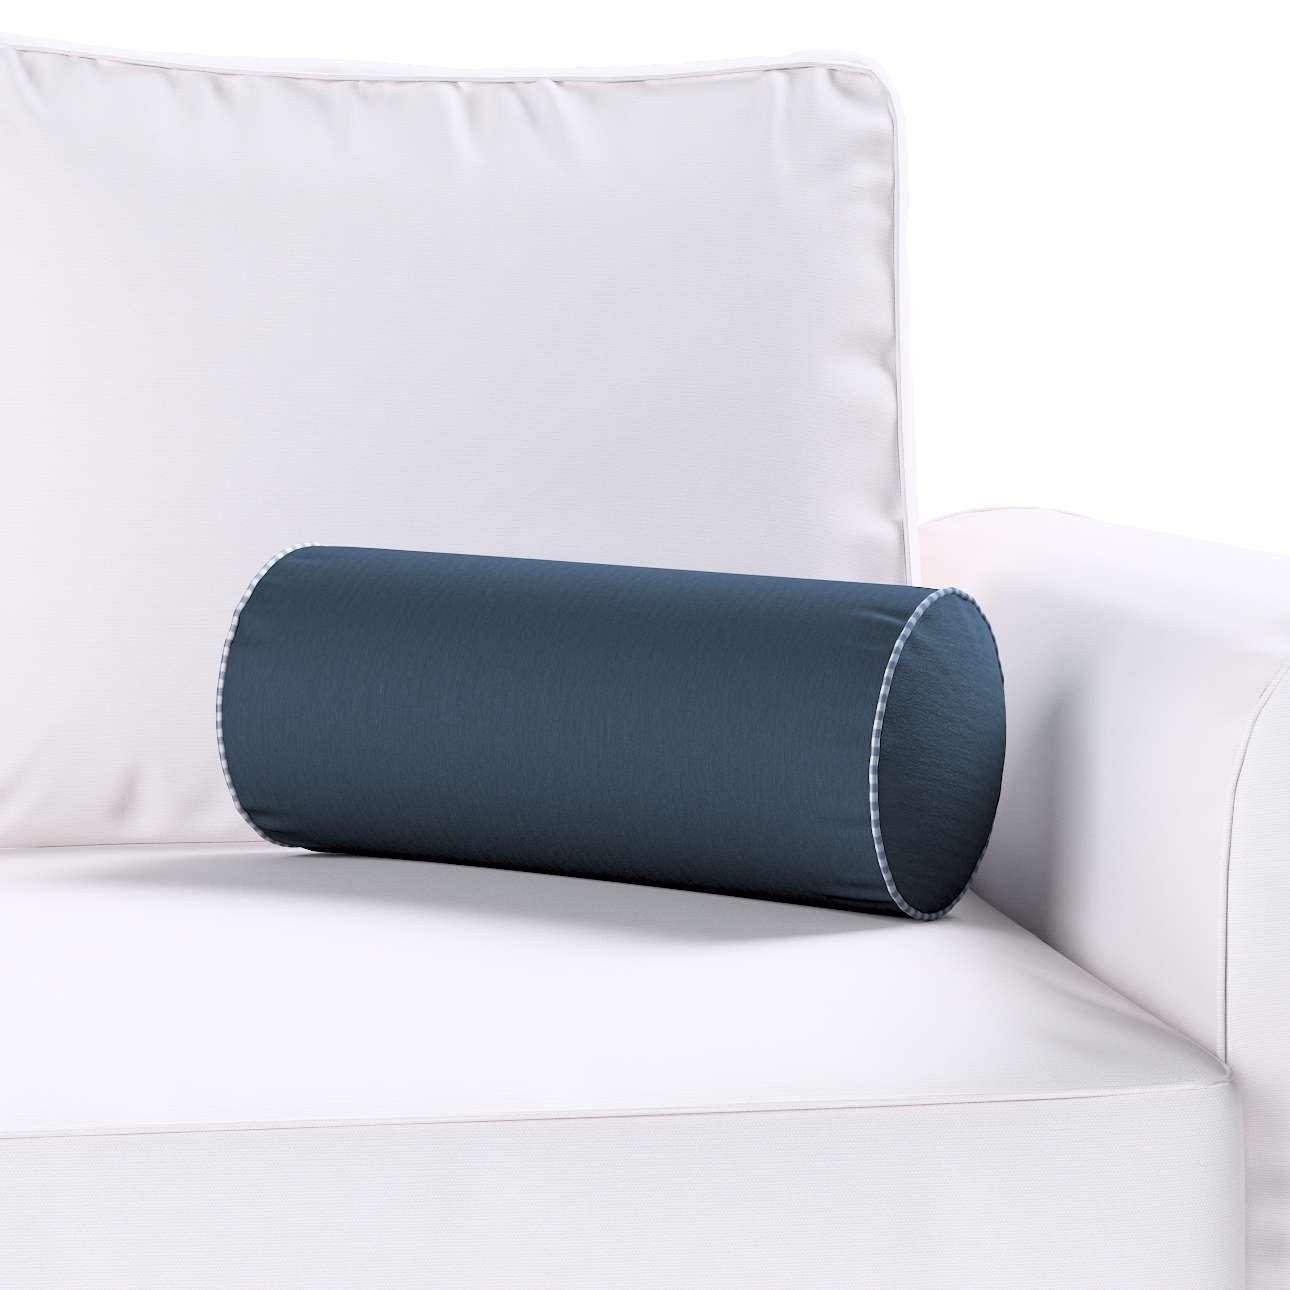 Ritinio formos  pagalvėlė Ø 16 x 40 cm (6 x 16 inch) kolekcijoje Quadro, audinys: 136-04